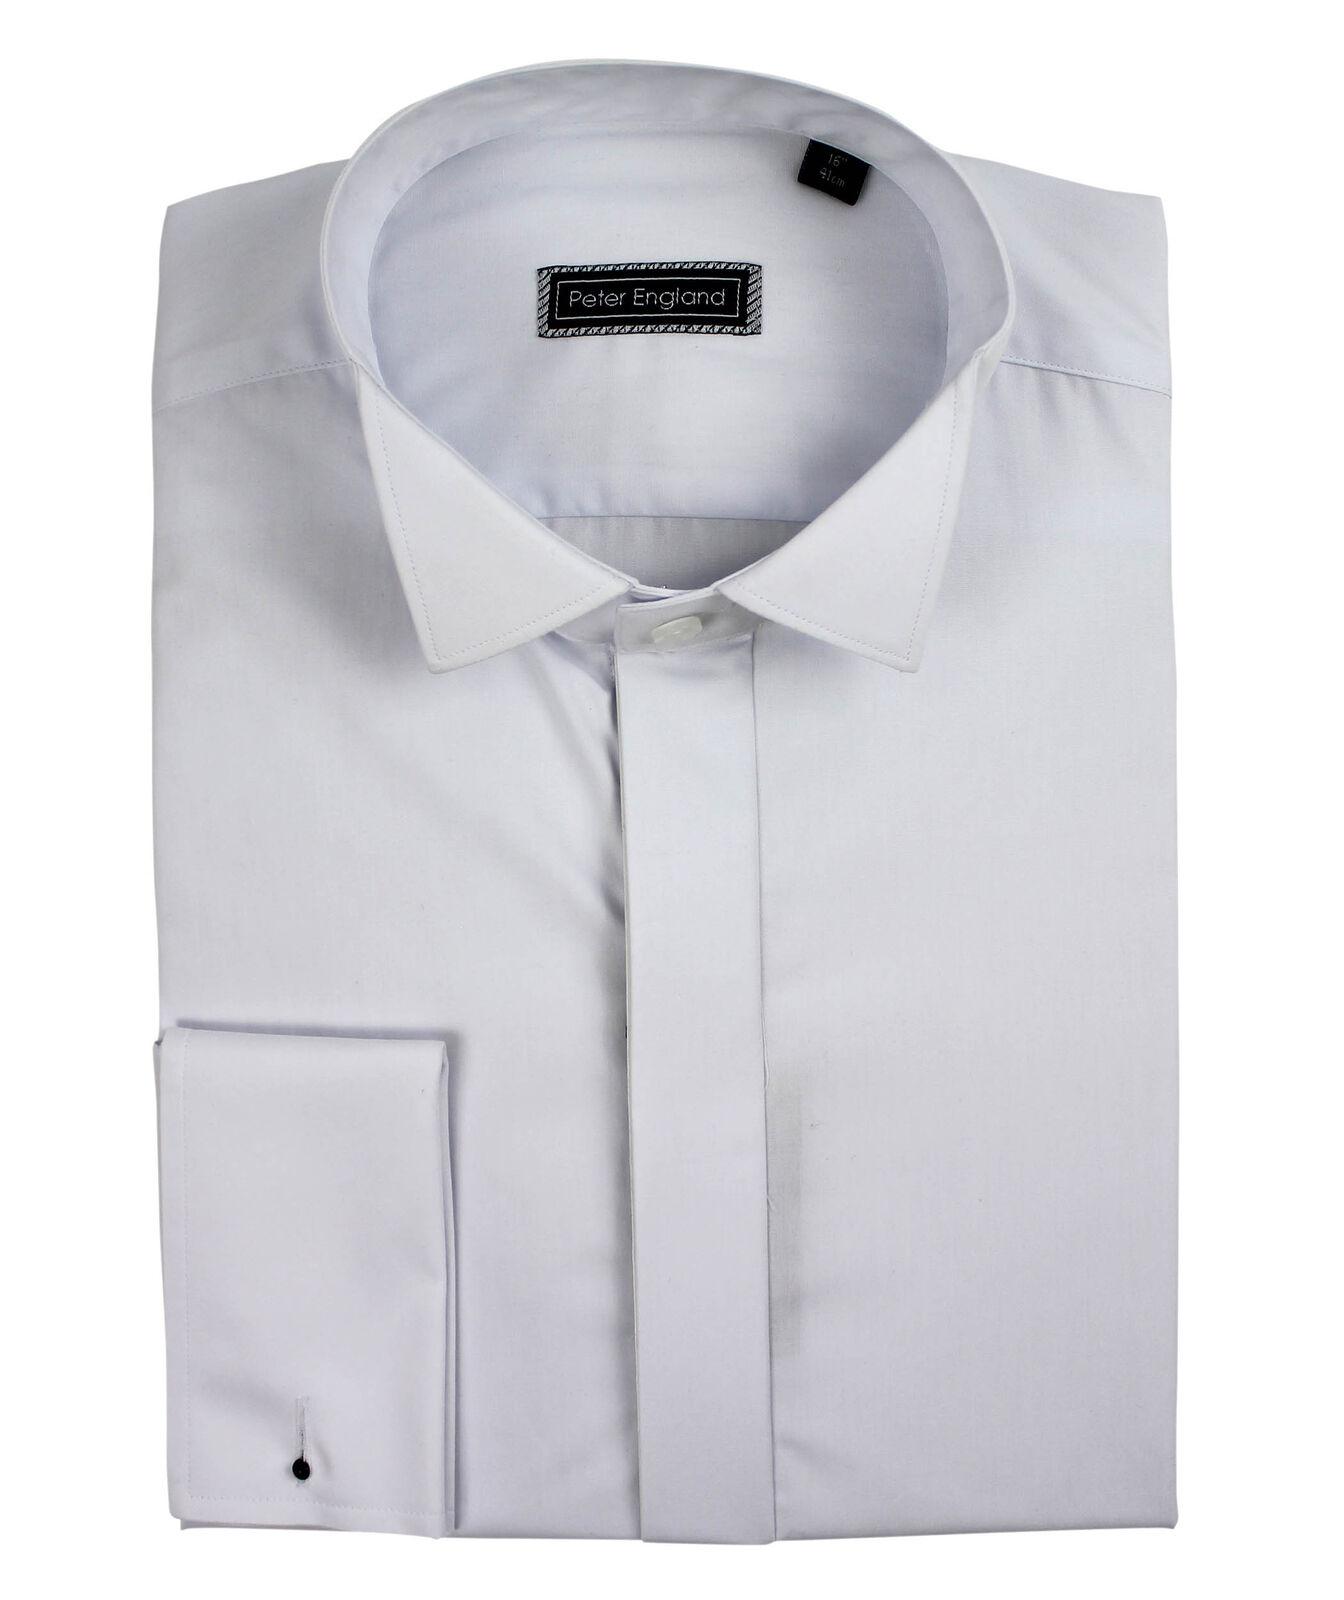 Peter England Tinta Unita FRONT Wing Colletto Camicia Abito Cotone